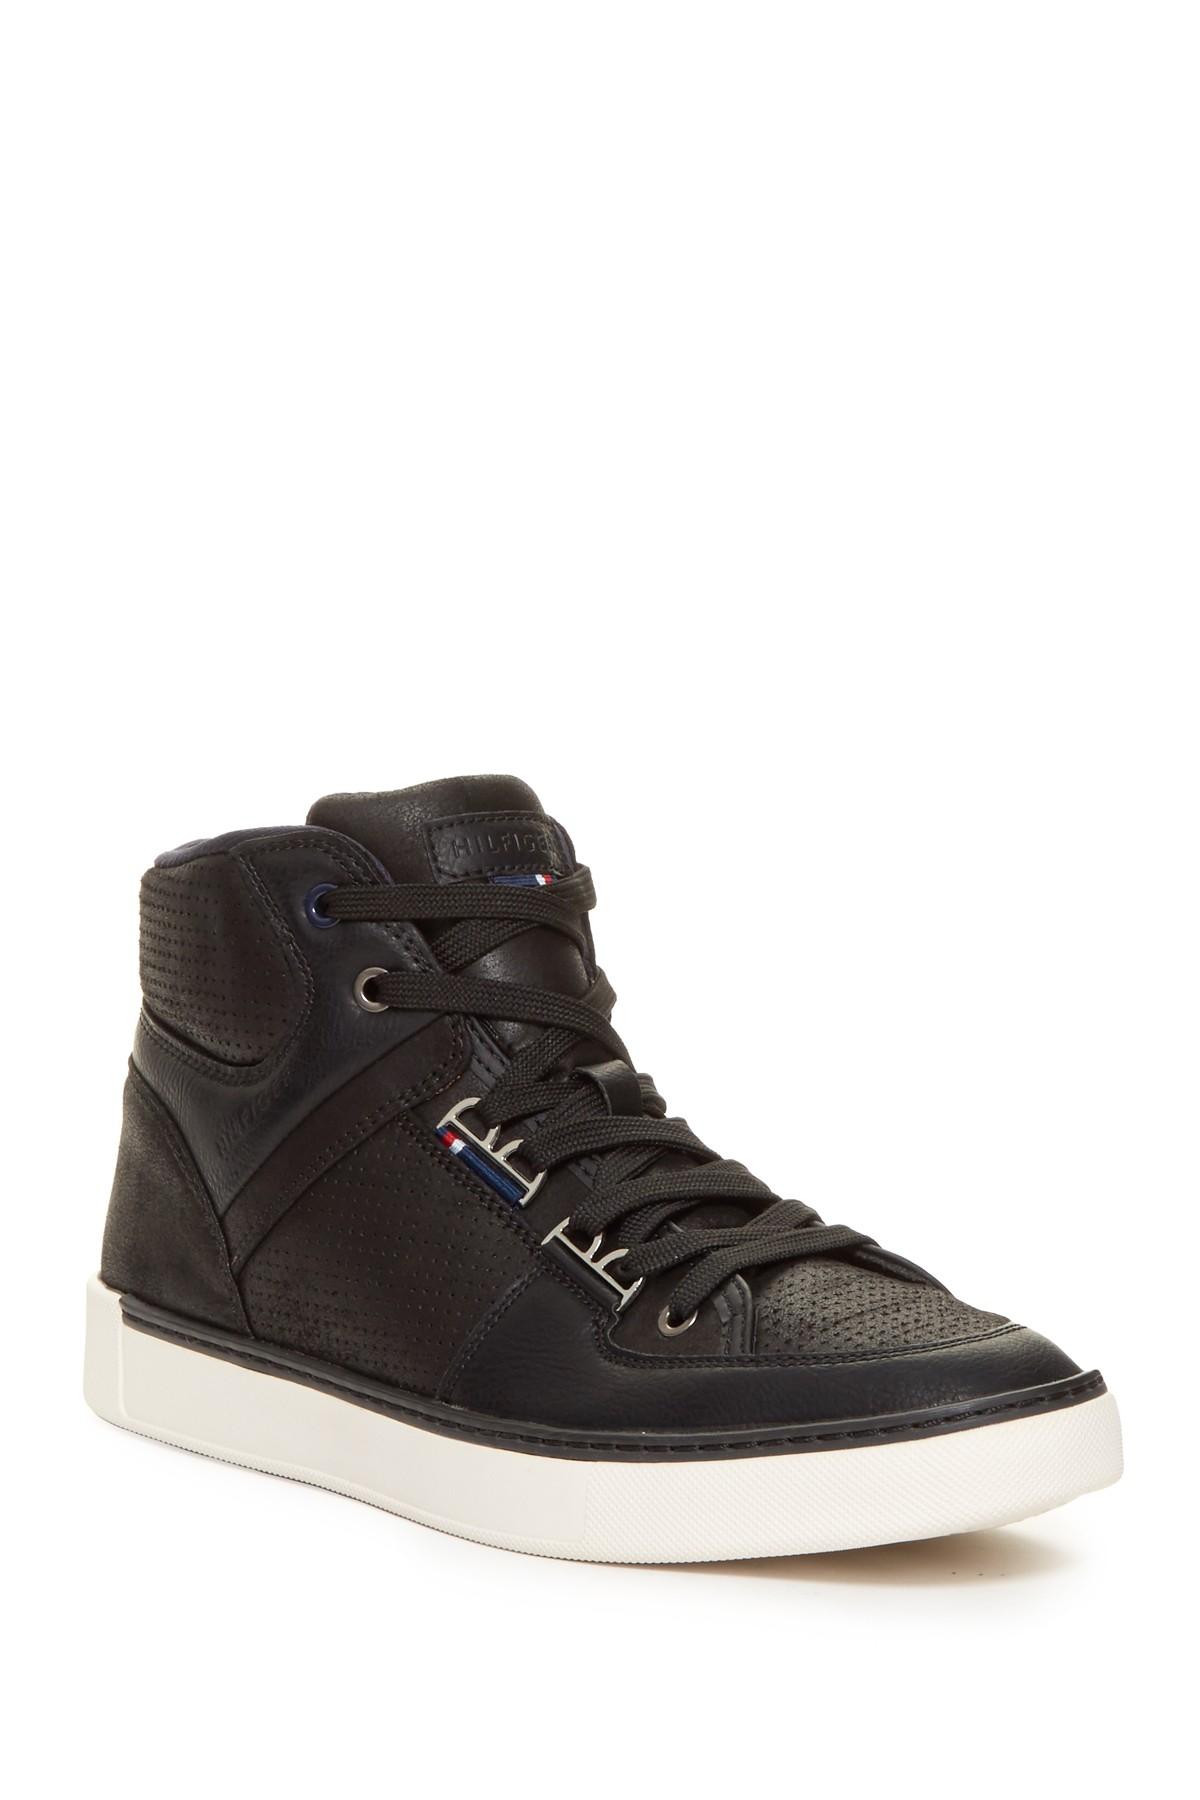 tommy hilfiger keon high top sneaker in black for men lyst. Black Bedroom Furniture Sets. Home Design Ideas